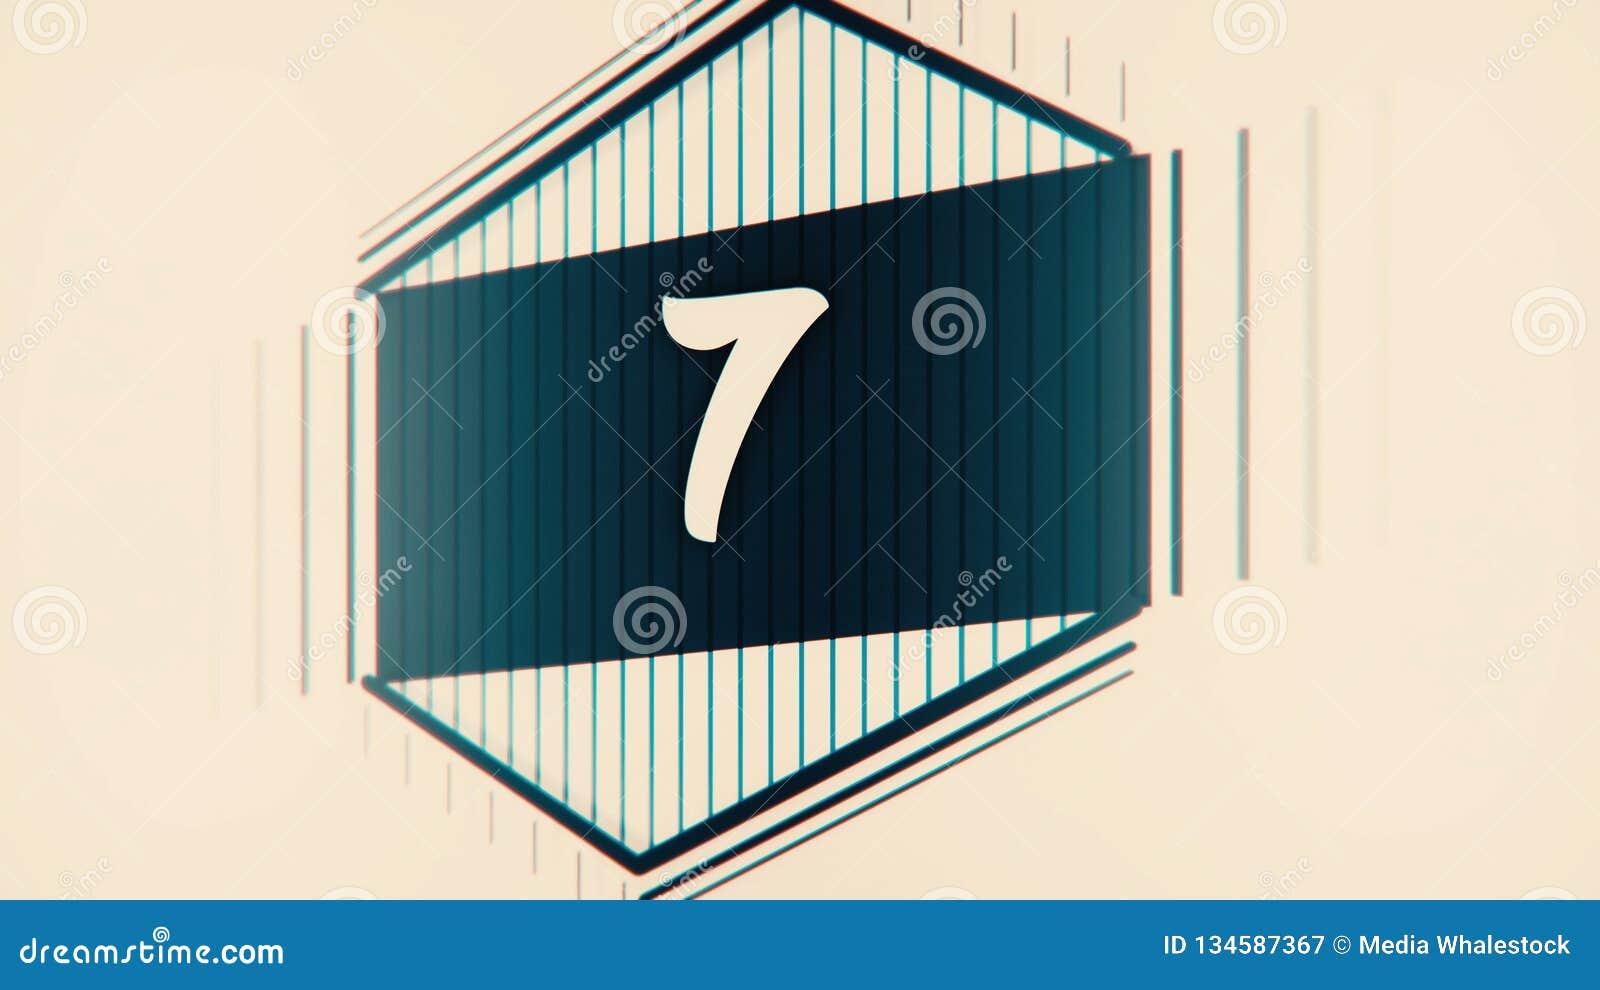 Ηγέτης αντίστροφης μέτρησης γραφικά 10 έως 0 Αρίθμηση αριθμού από 1 έως 10 Ζωτικότητα κινήσεων στάσεων με το έγγραφο χρώματος Ται